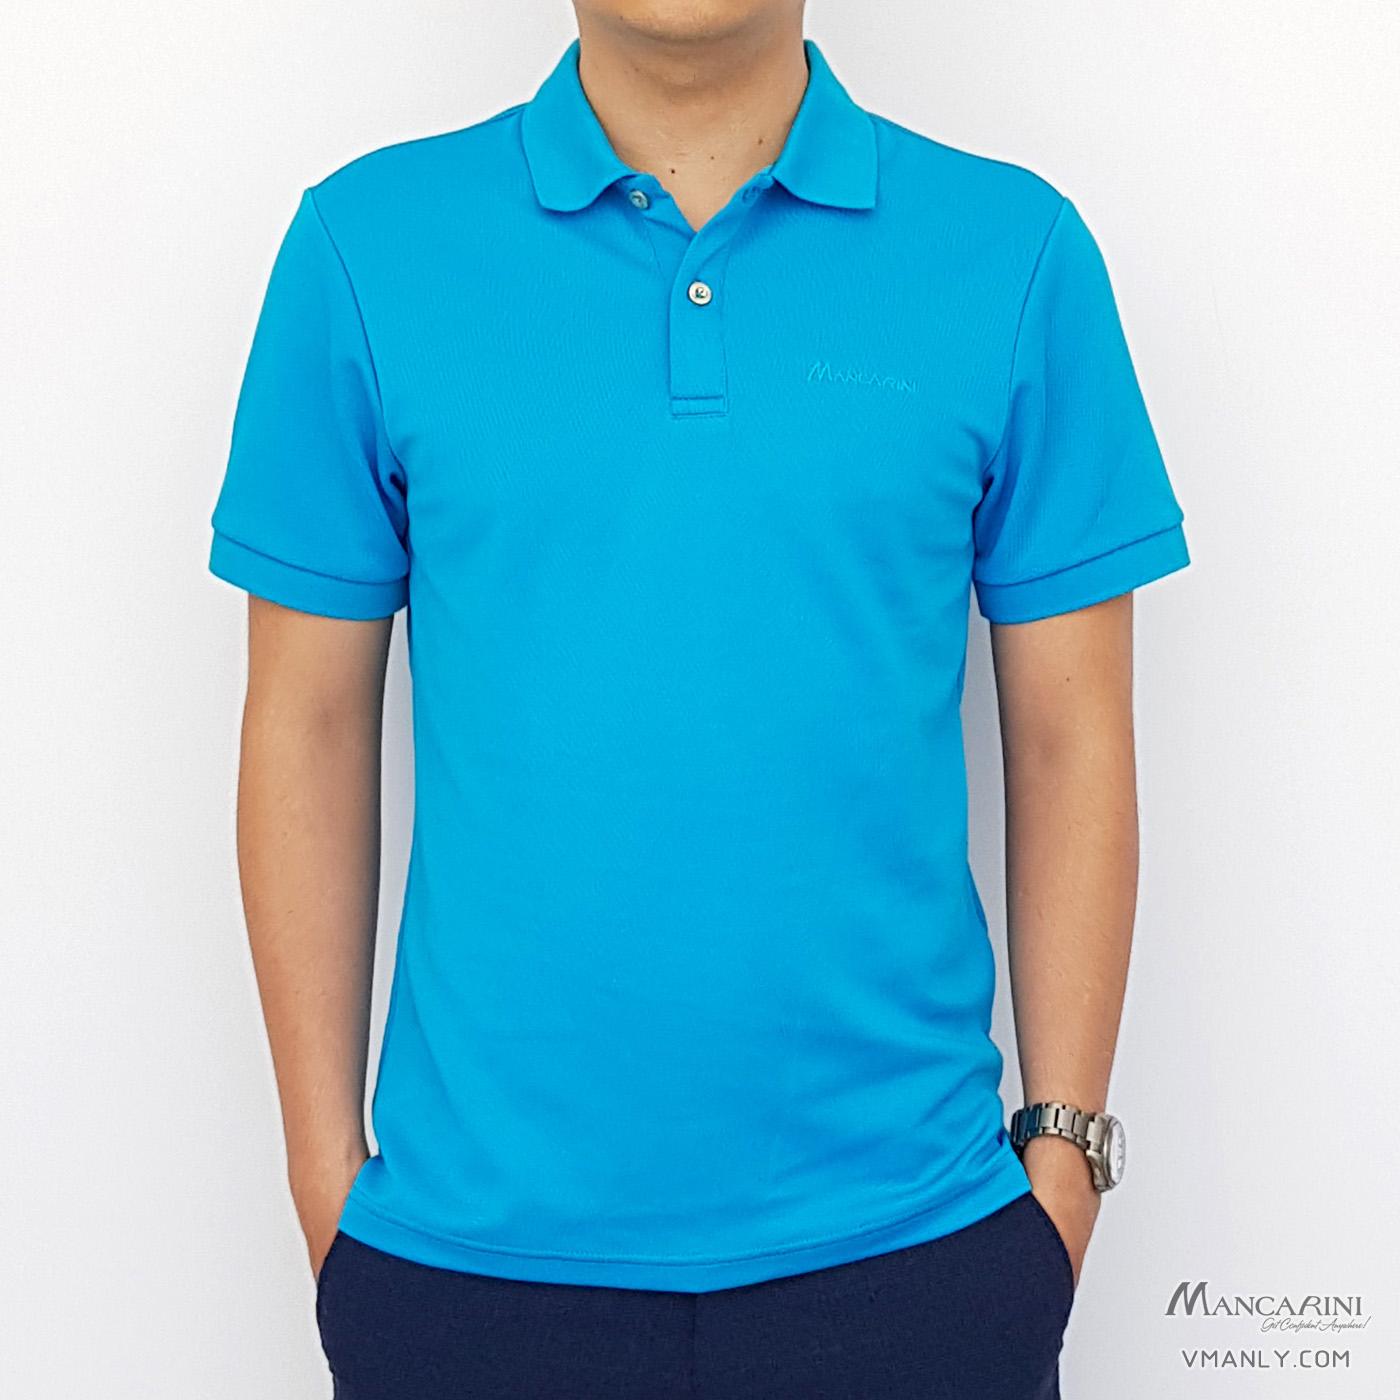 Áo polo nam Mancarini áo thun cổ bẻ màu xanh 1AP0073